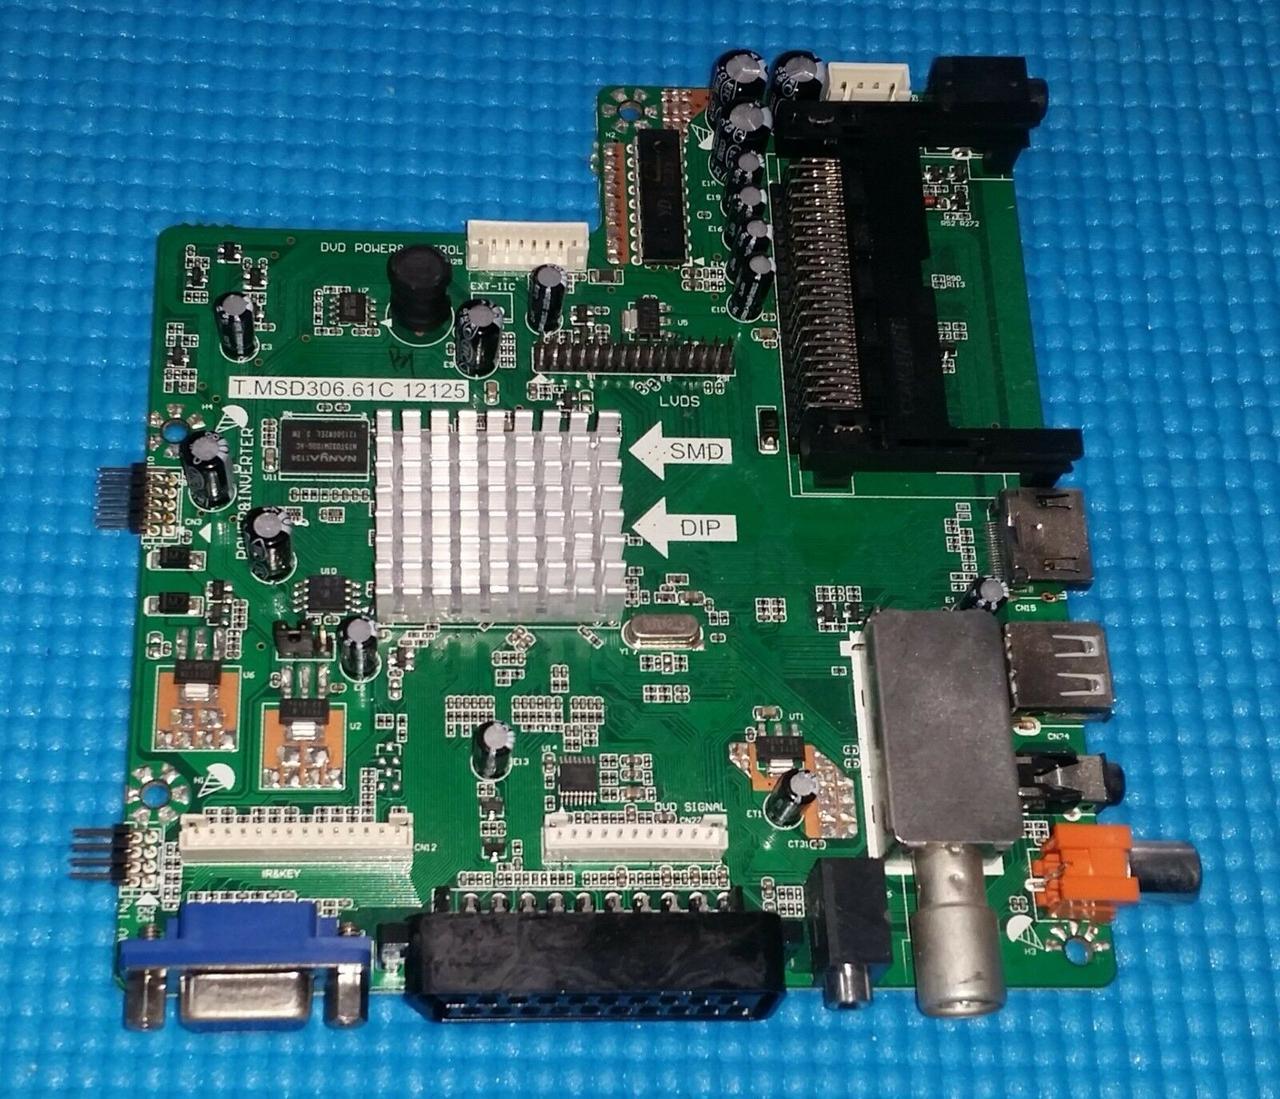 Материнская плата Main Board T.MSD306.61C 12125 для телевизора EVERLINE EVE2N56FC